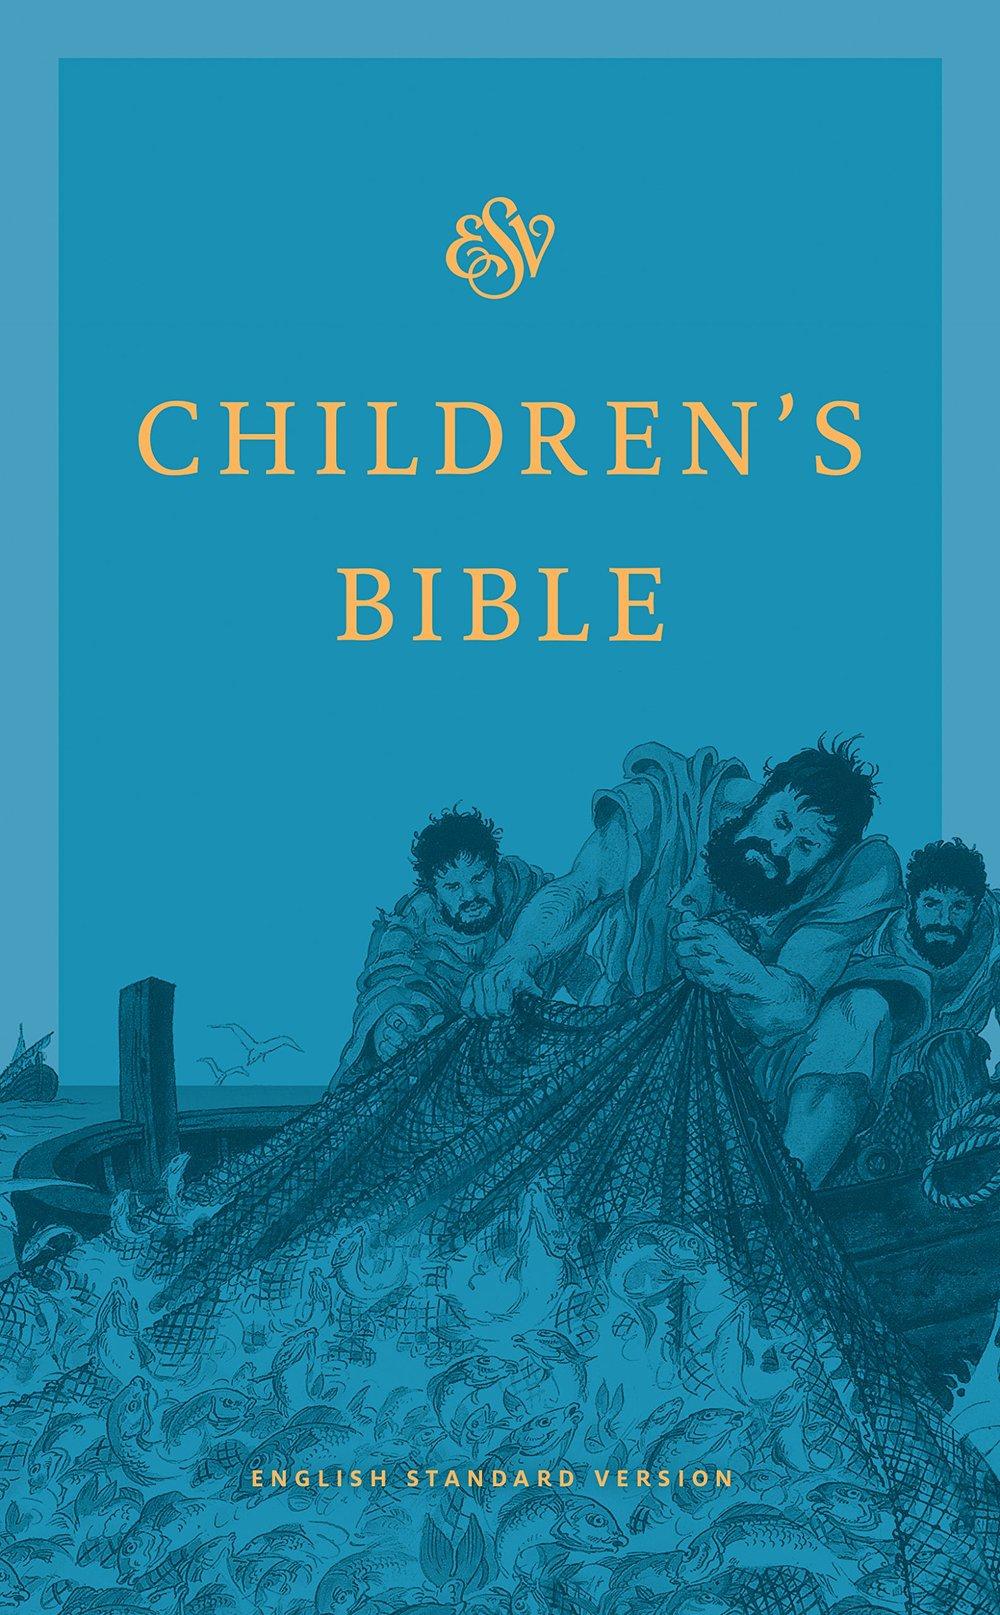 ESV Children's Bible, Ages 5-10